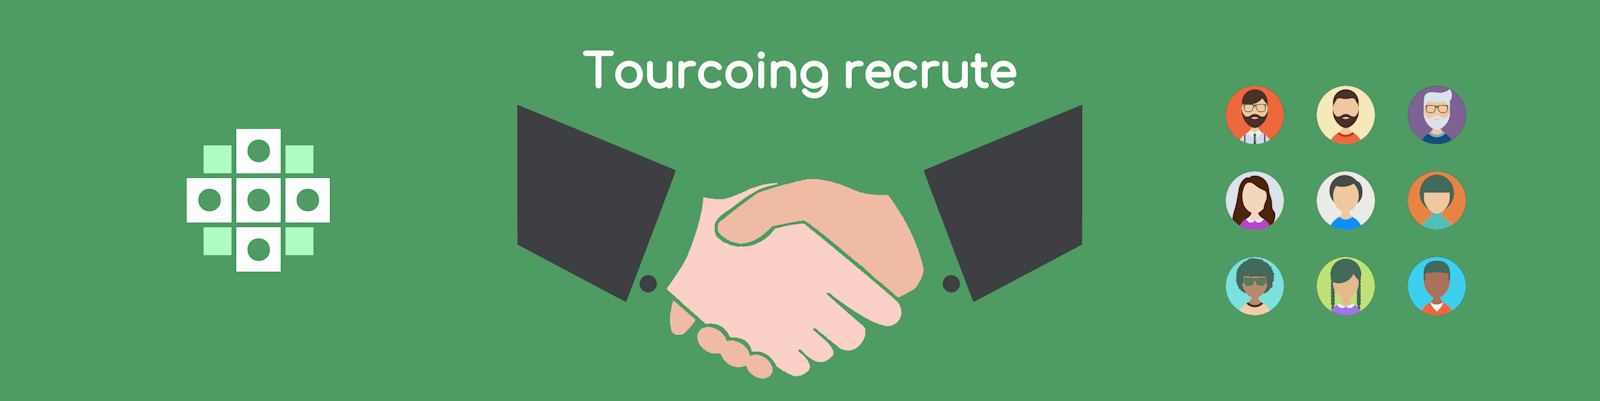 Tourcoing recrute - Service Emploi, Tourcoing